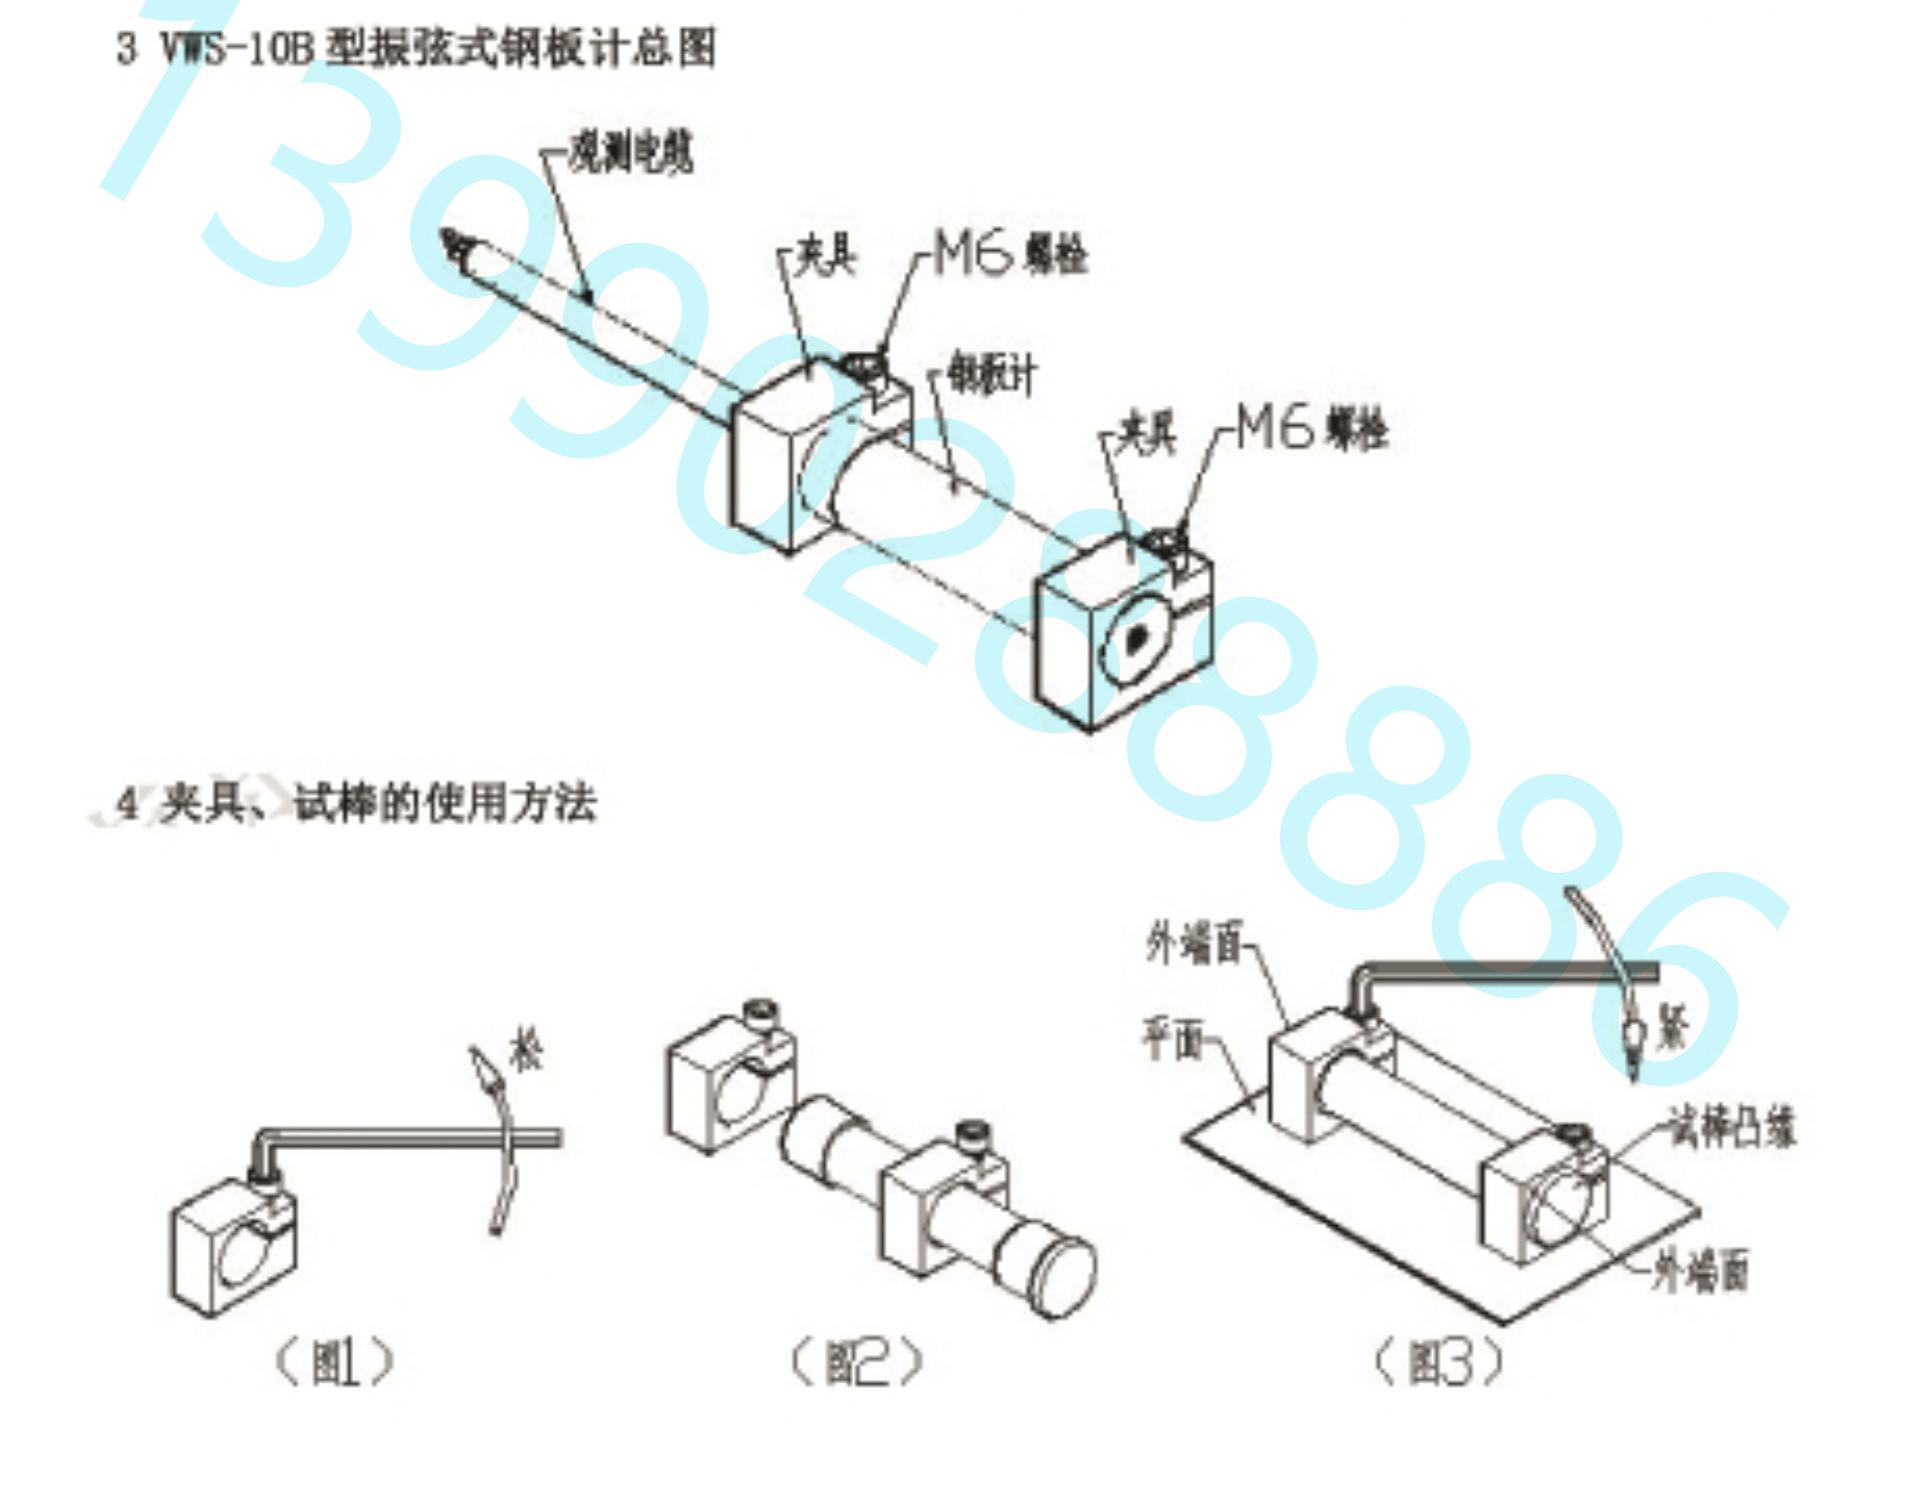 [四川葛南仪器]VWSB型钢板计安装指南